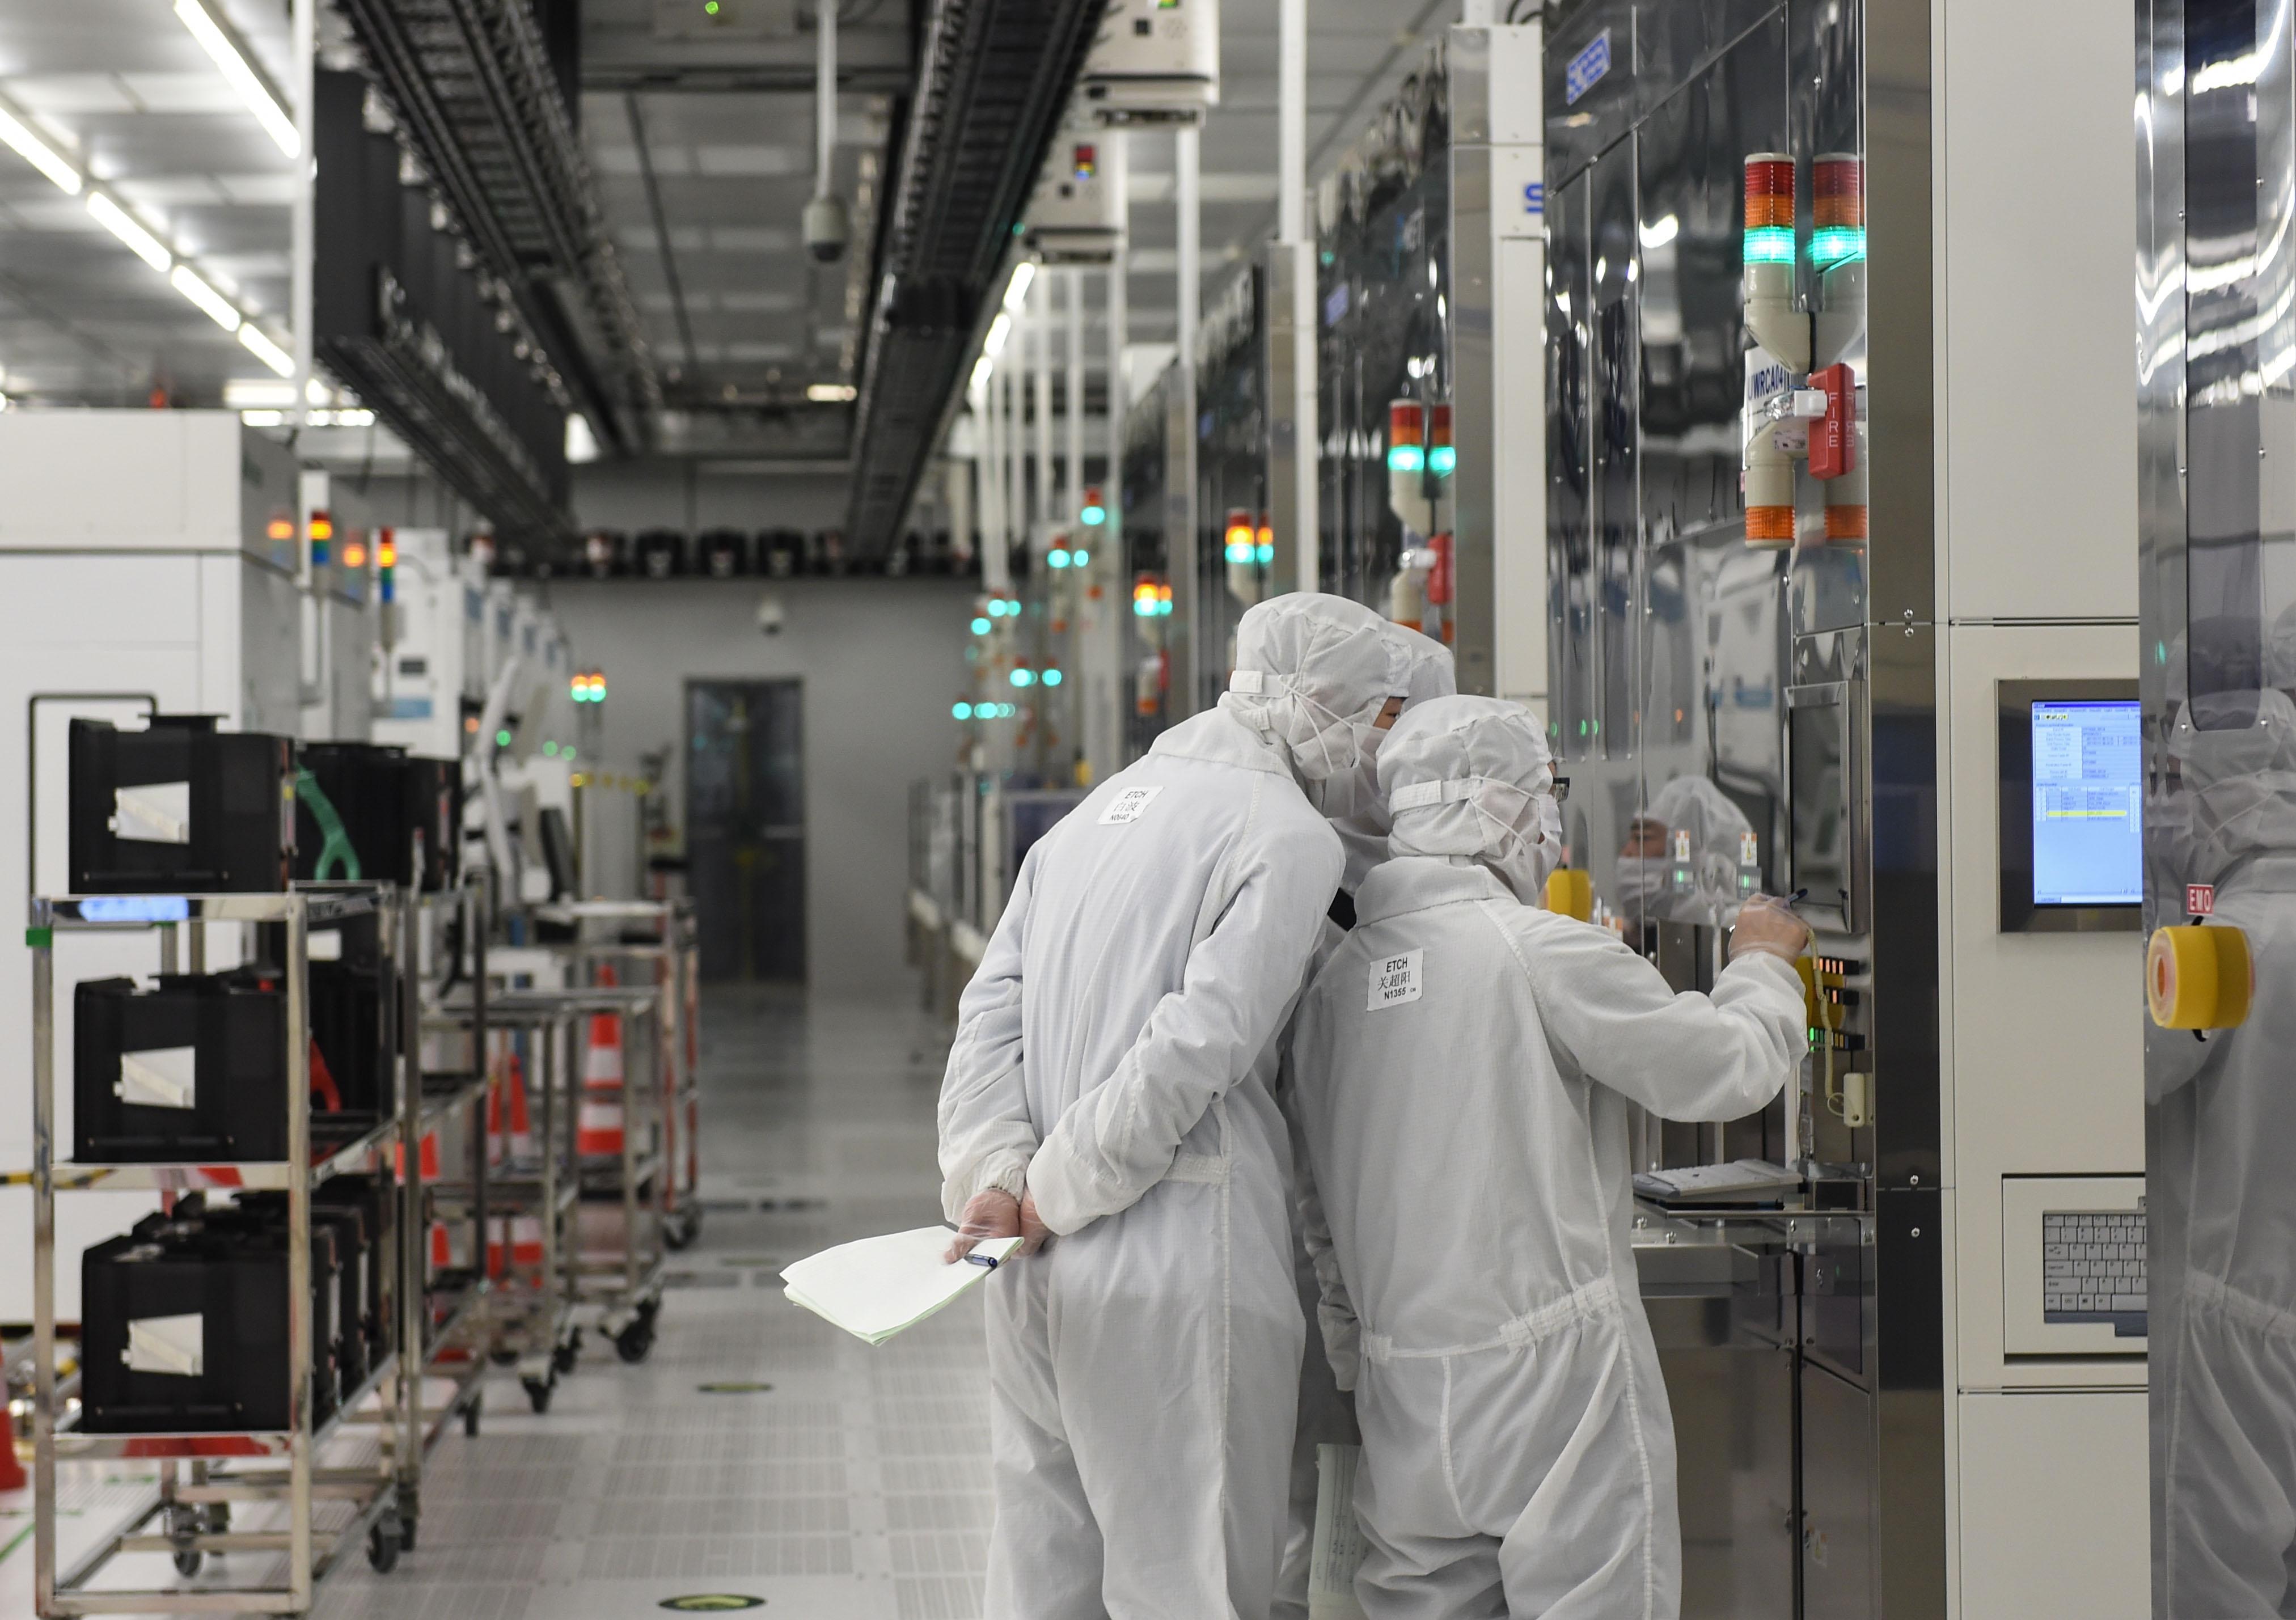 中芯国际14nm工艺即将量产,12nm工艺开发获突破